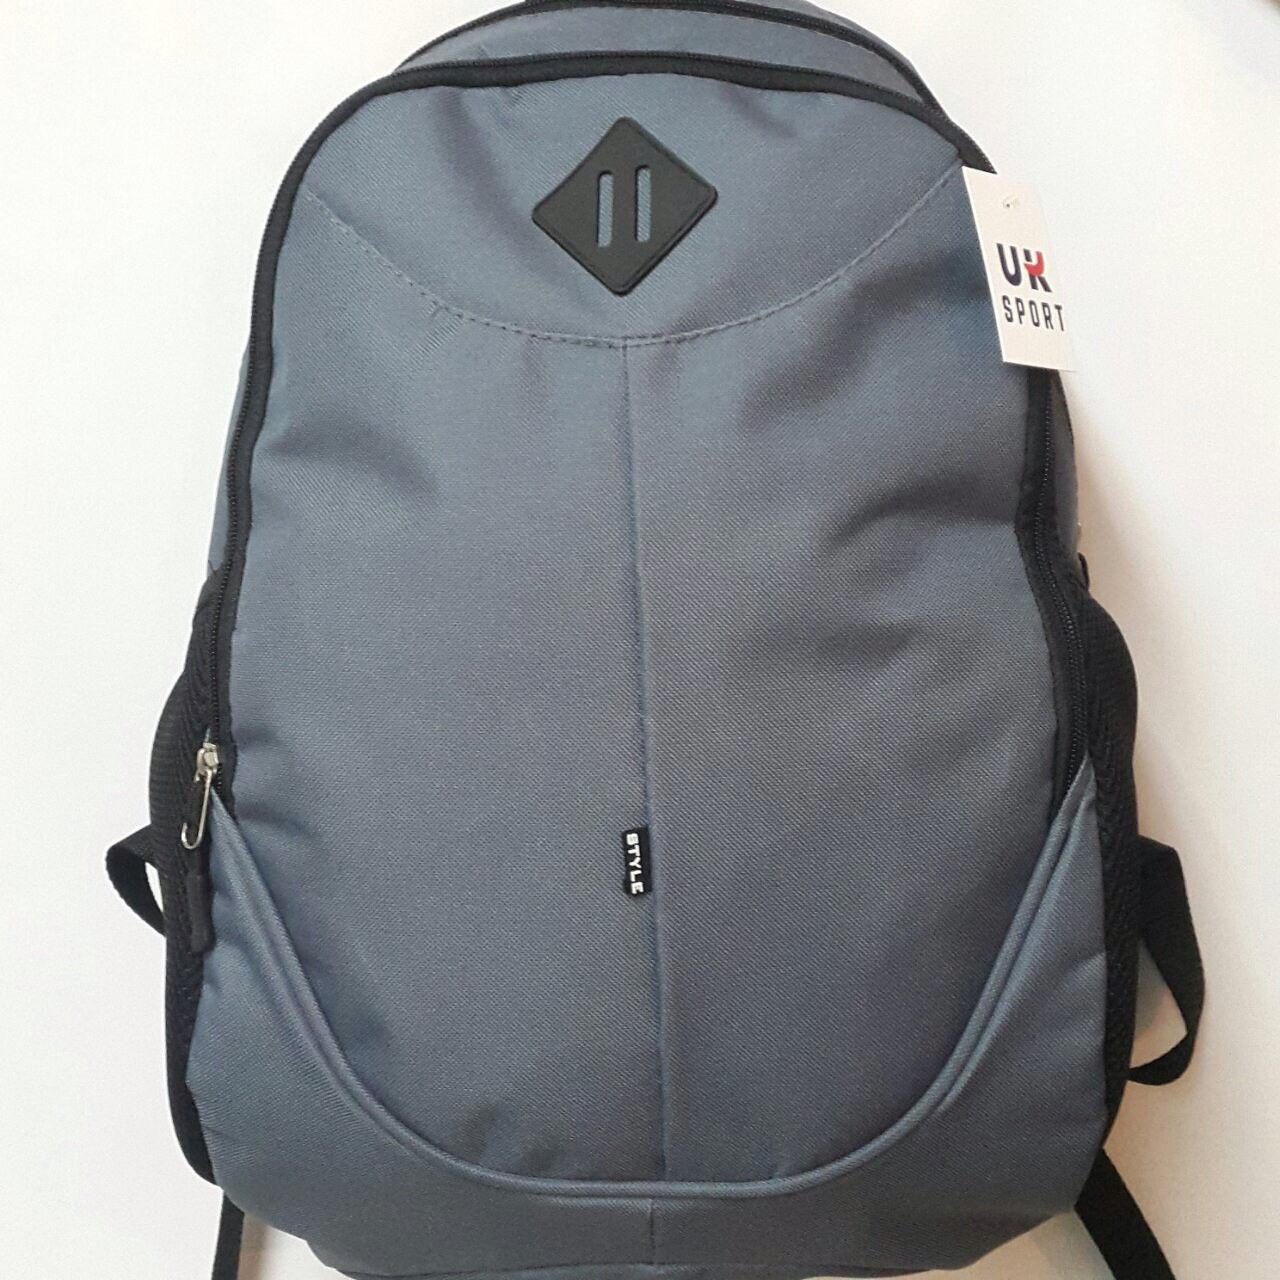 Рюкзак молодежный Ромб UKsport, Укрспорт серый ( код: IBR037S )